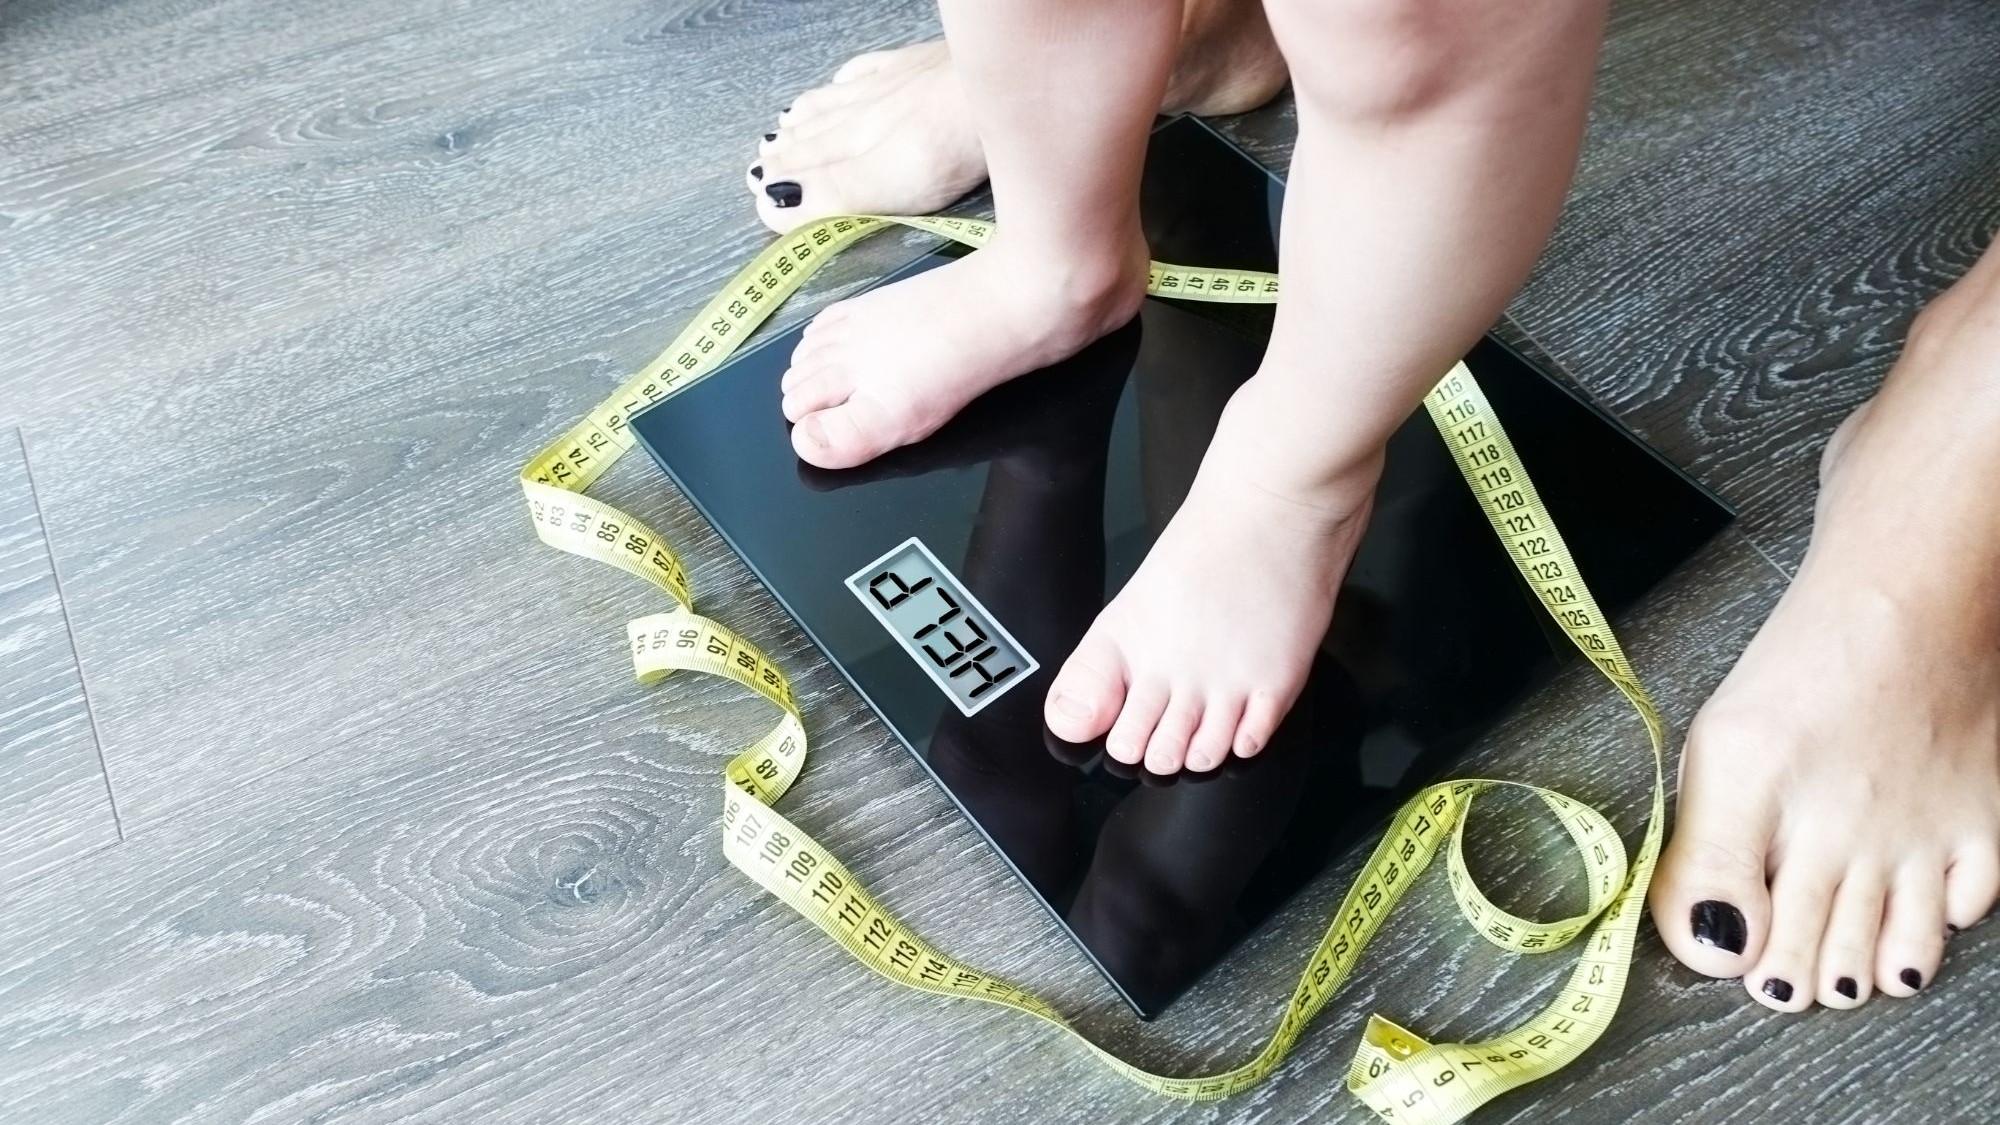 Représentation de la formation : NCL01 - Spécial pédiatrie : prise en charge diététique de l'obésité